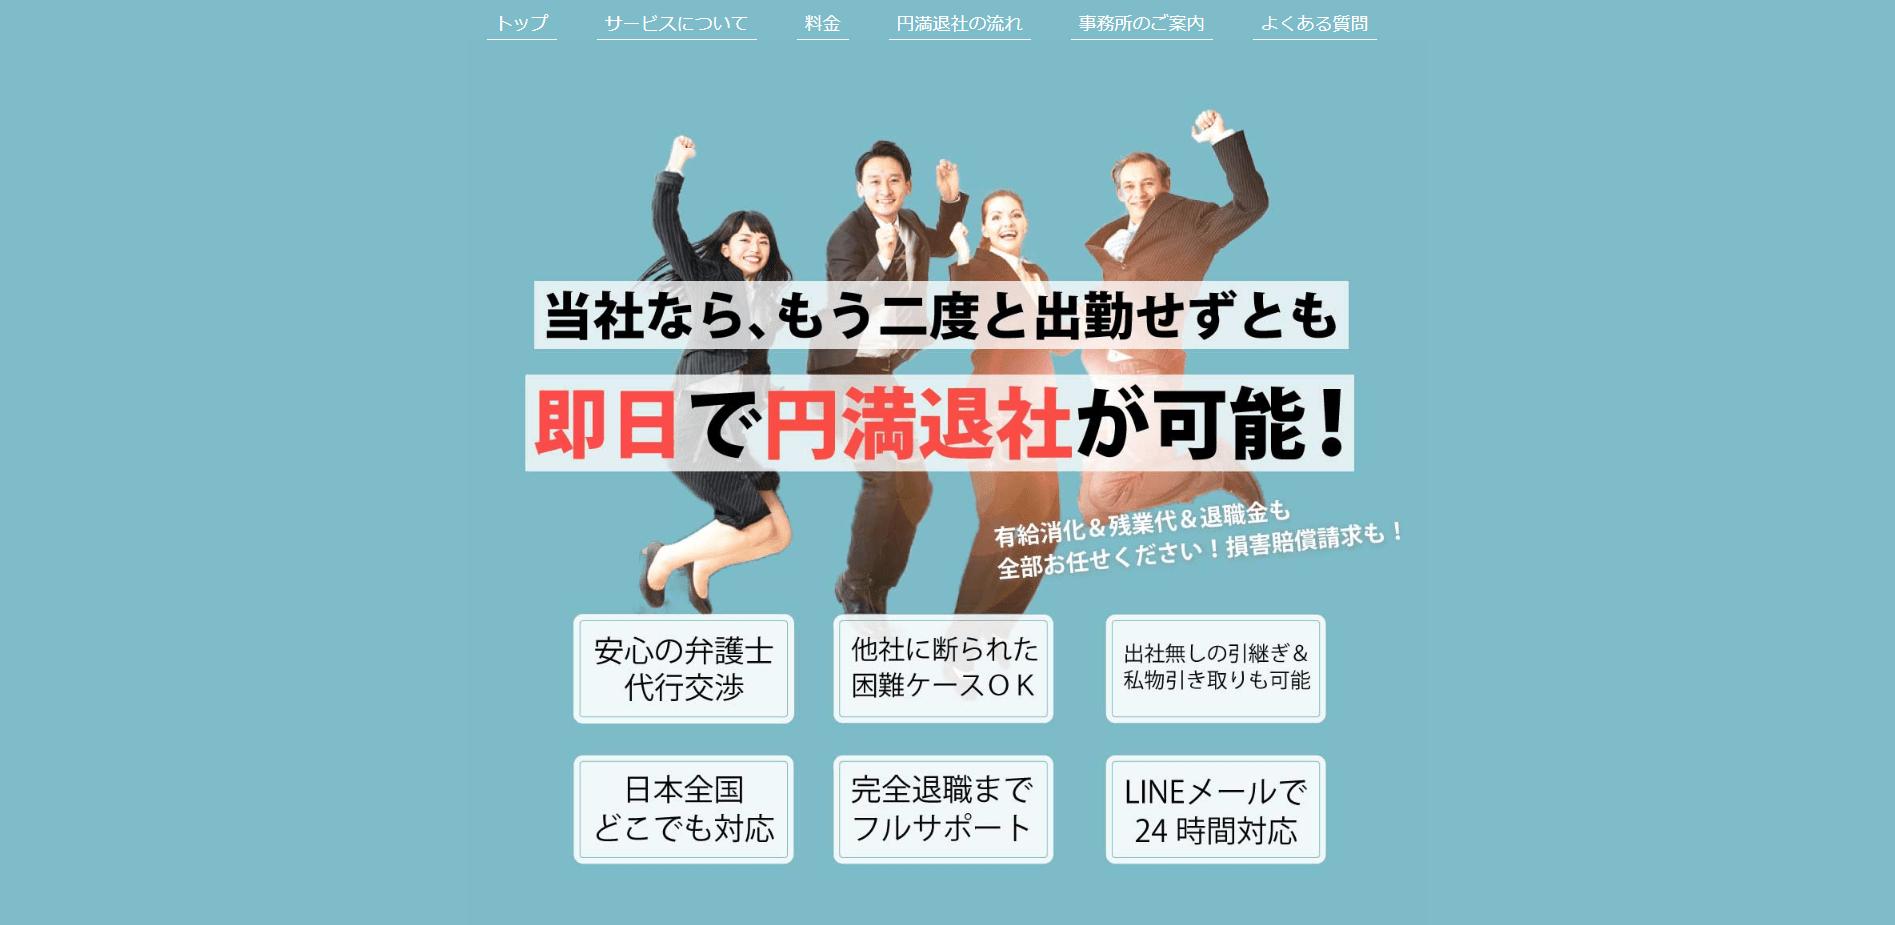 北海道・札幌の退職代行 弁護士法人みやび